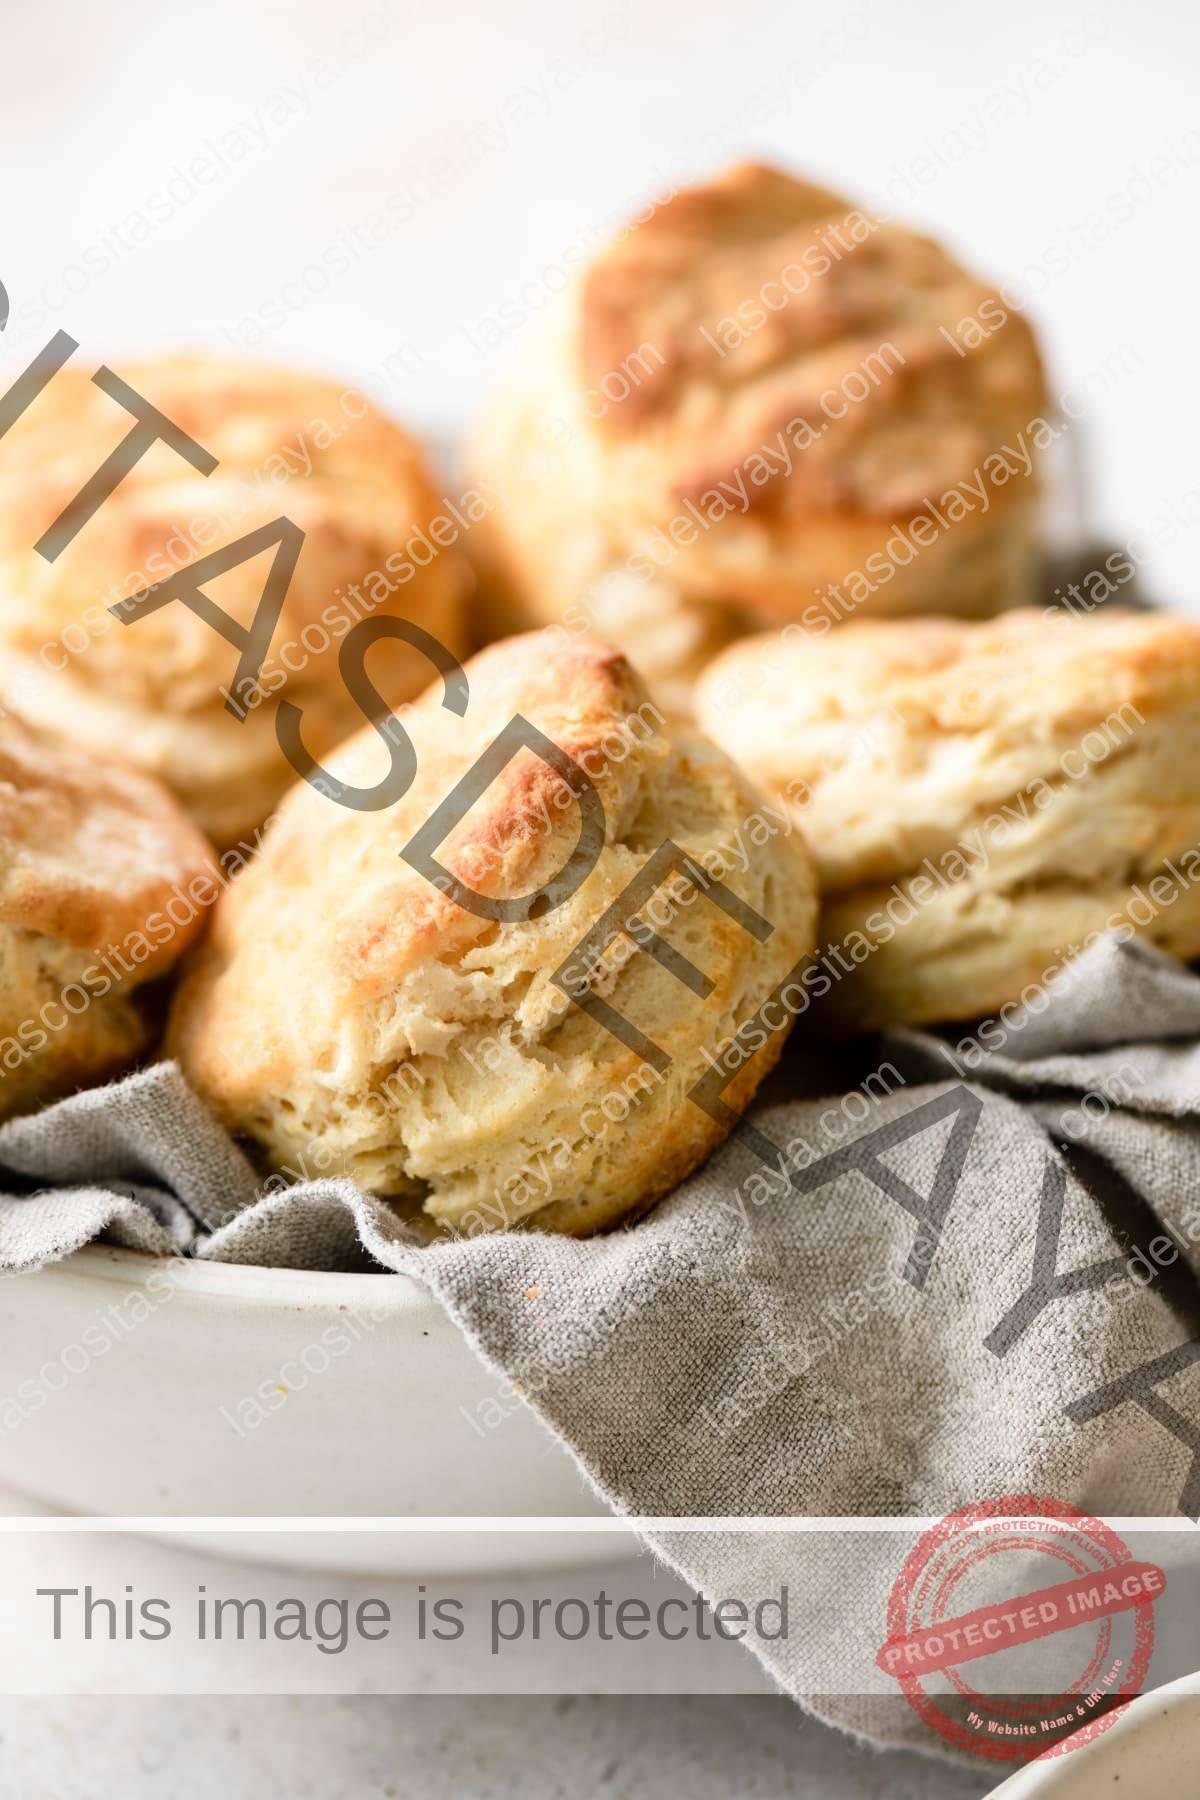 Galletas altas y escamosas apiladas en un recipiente con una toalla de cocina gris.